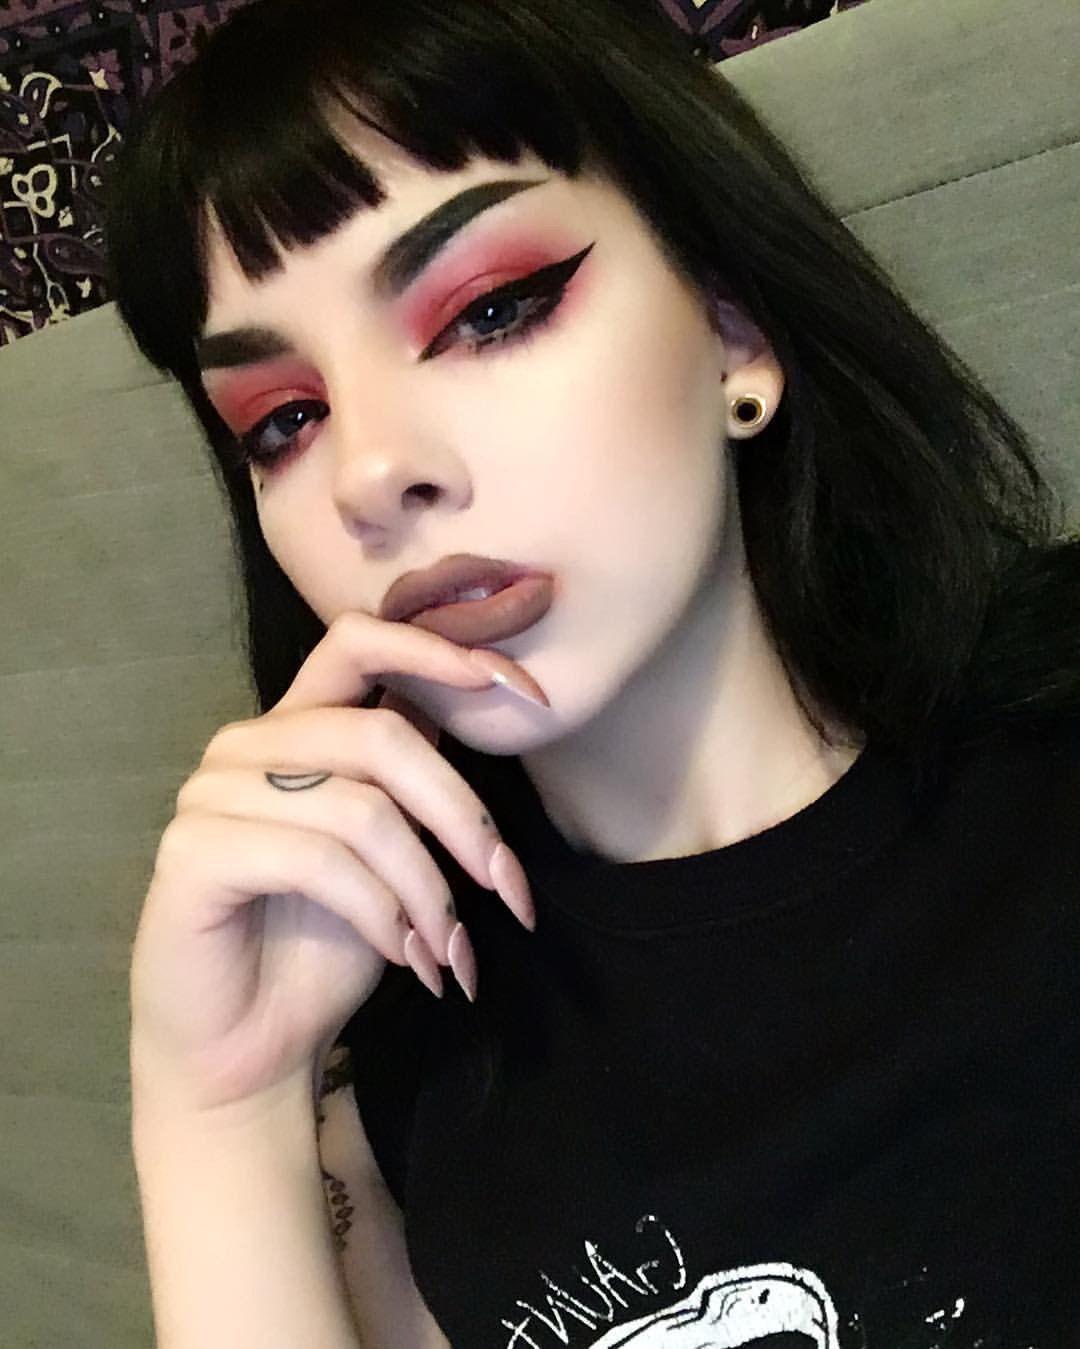 Maquillajes perfectos para las amantes del 'Trap'   Maquillaje de ojos  gótico, Maquillaje de ojos fácil, Maquillaje de ojos artistico